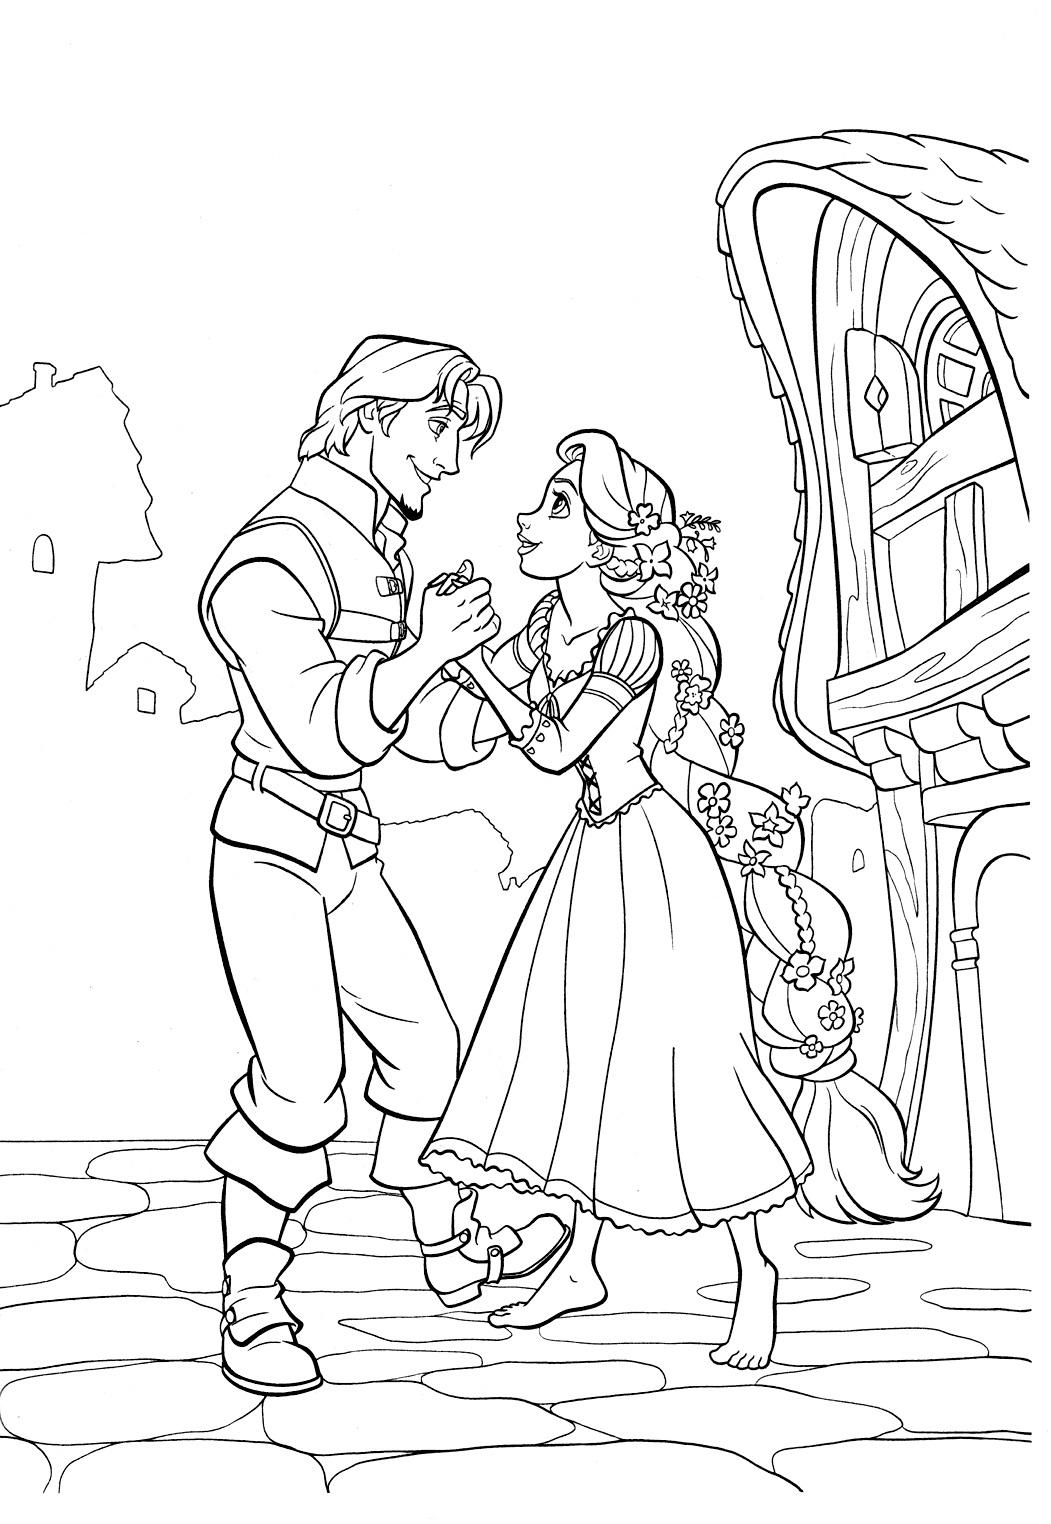 Desenho da linda RAPUNZEL para colorir Hello Kids - imagens para colorir da rapunzel